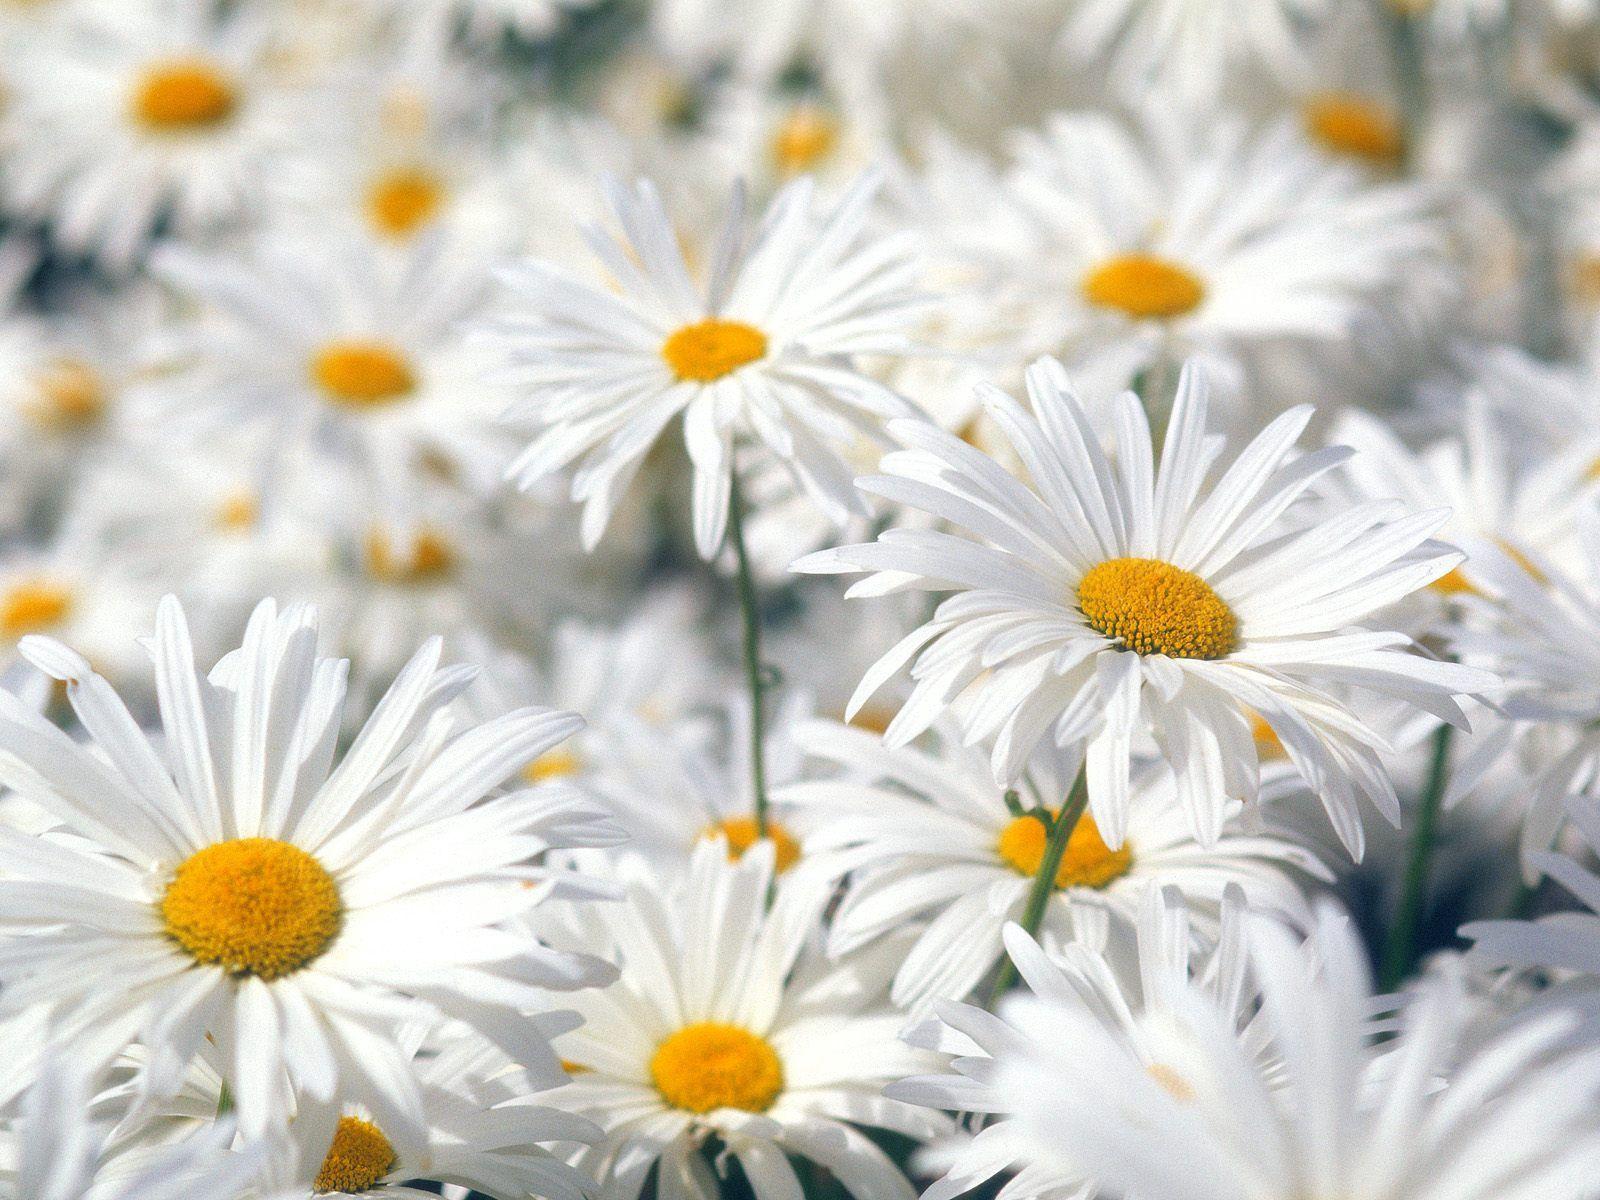 123084 Hintergrundbild herunterladen Blumen, Kamille, Pflanze, Makro, Feld - Bildschirmschoner und Bilder kostenlos